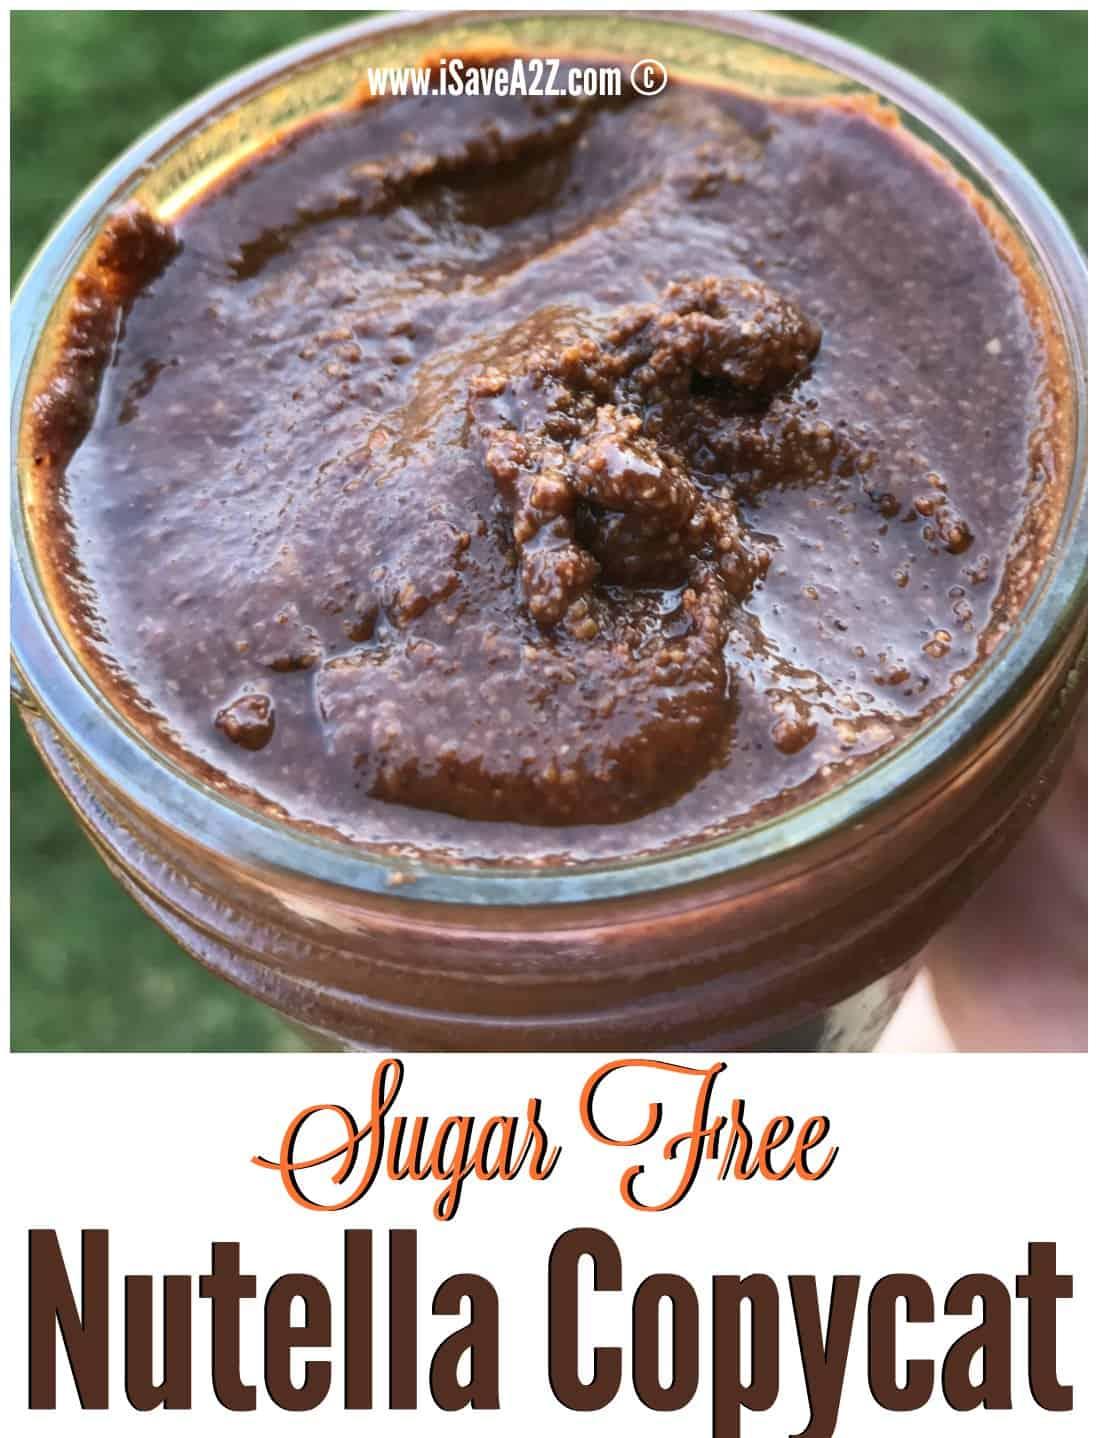 Sugar Free Dress: Sugar Free Hazelnut Spread Or Sugar Free Nutella Copycat